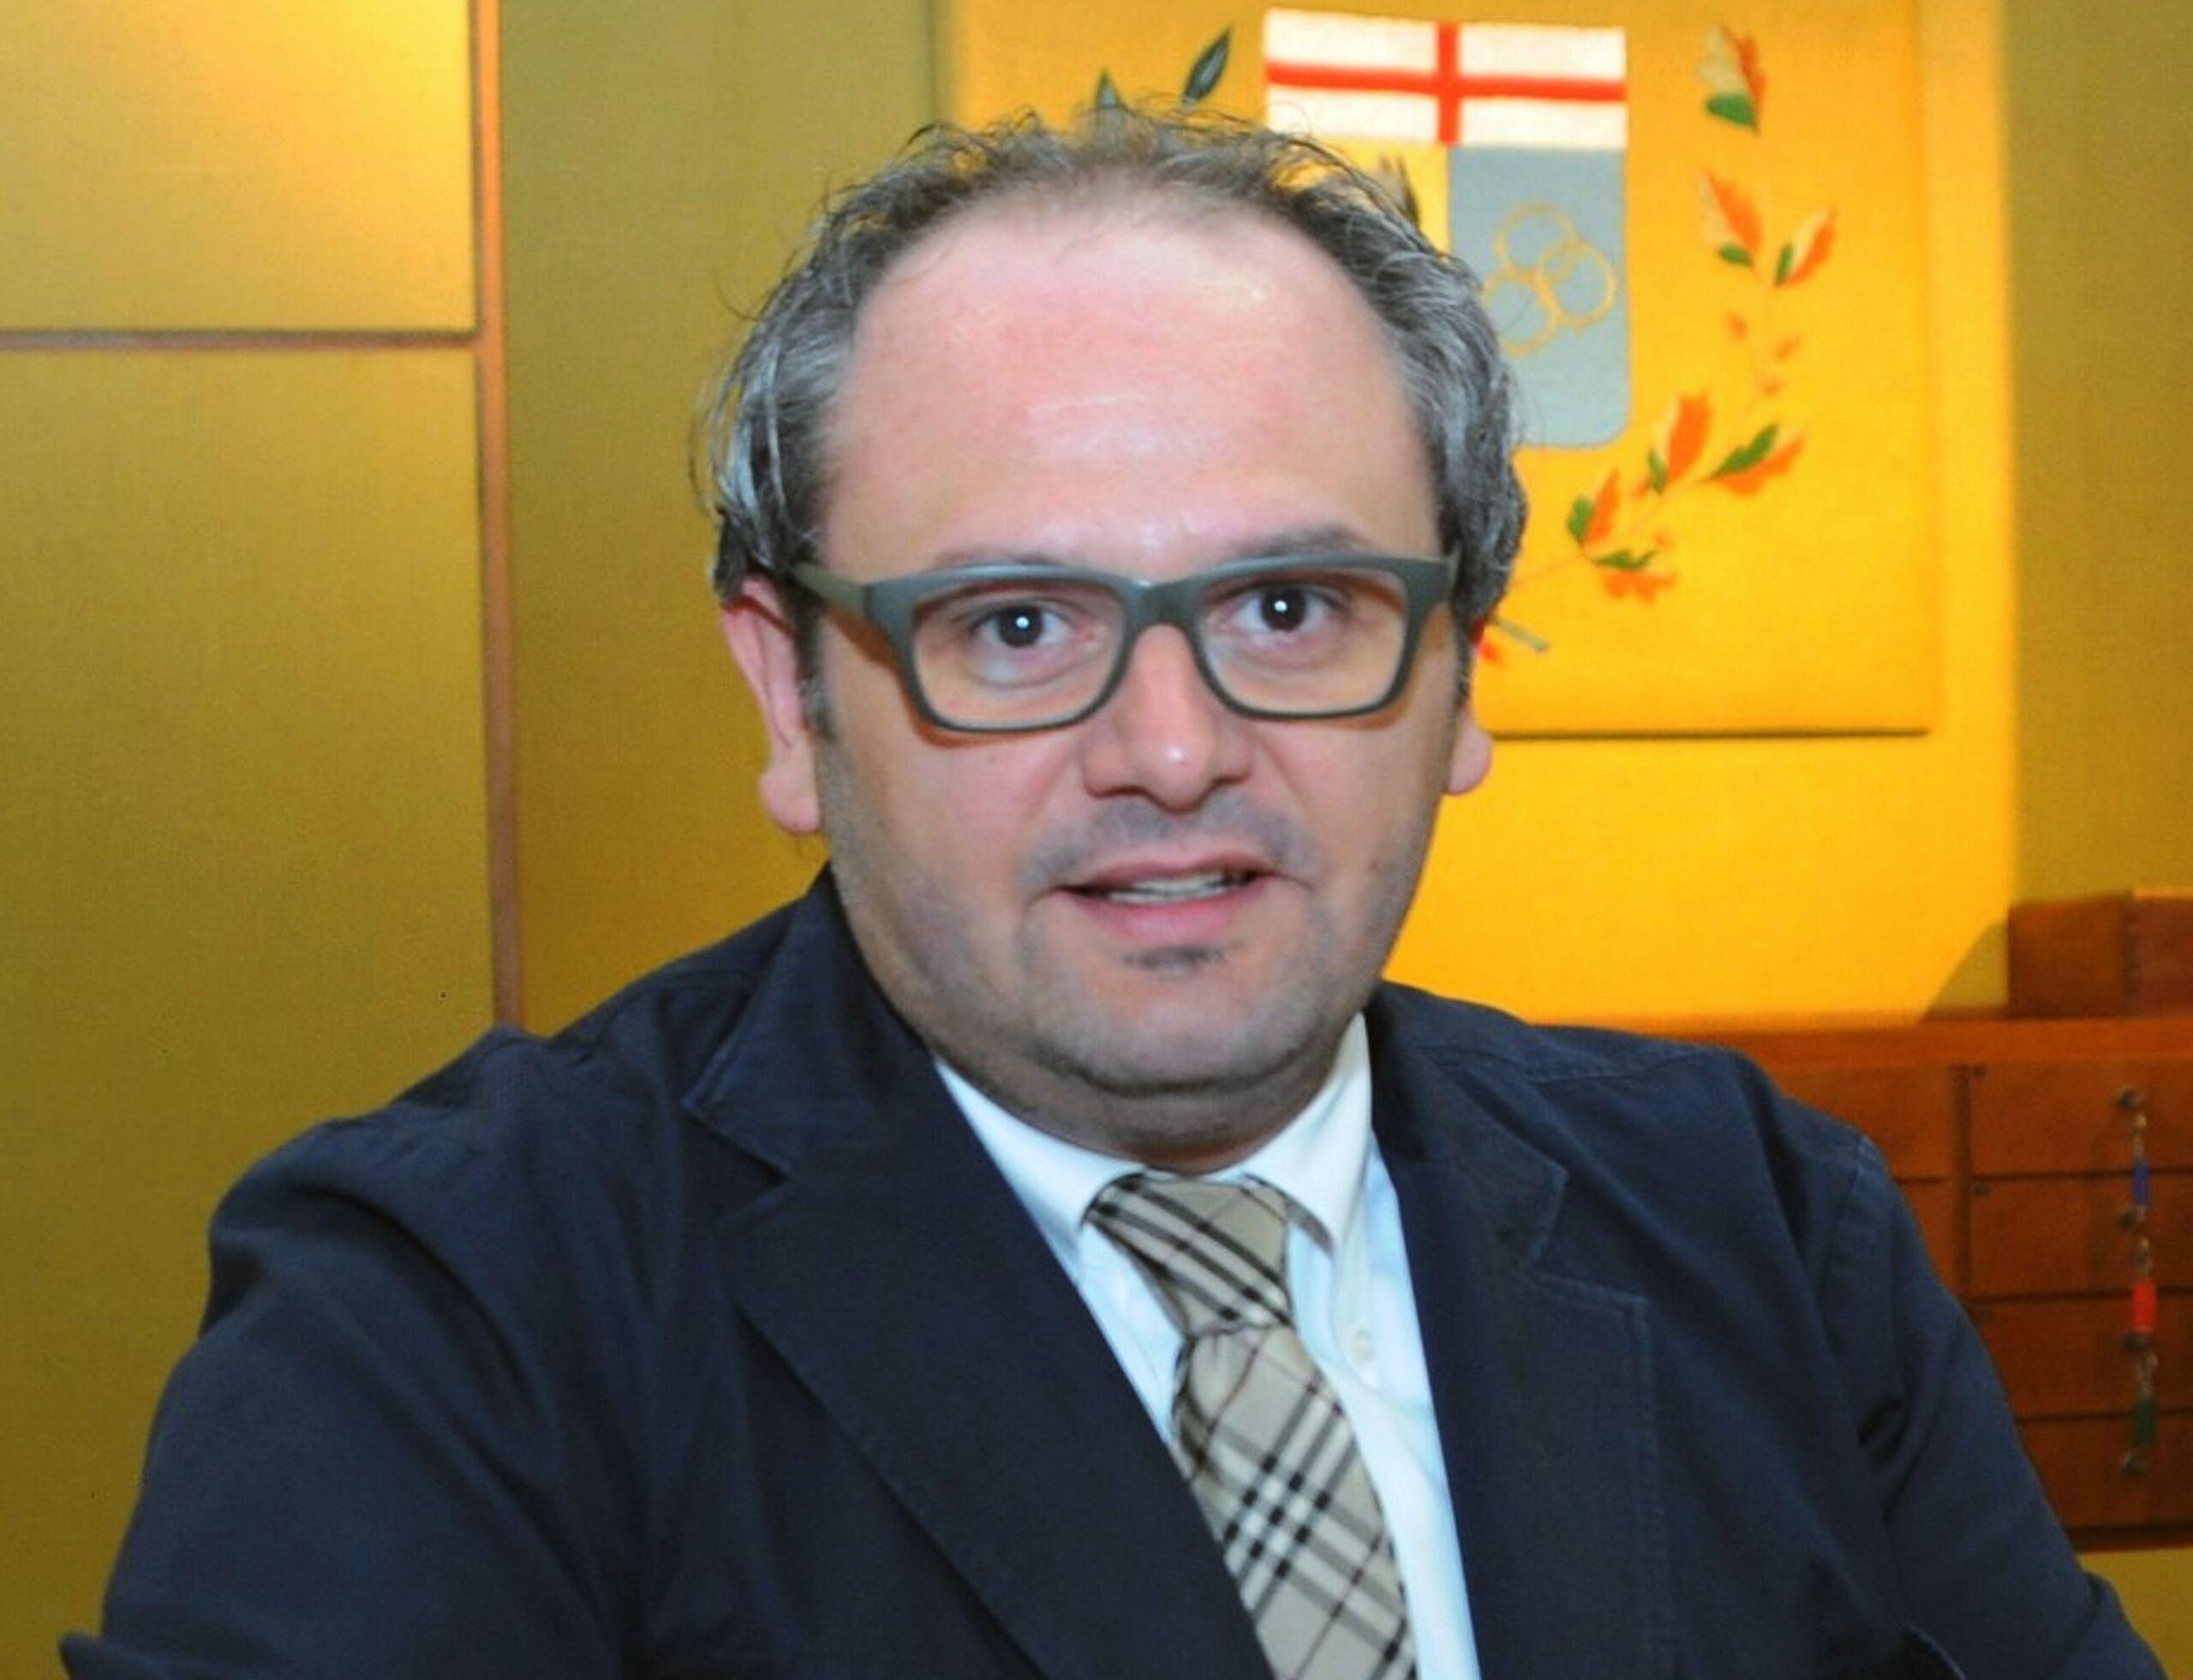 Elezioni Origgio candidato sindaco Andrea Azzalin